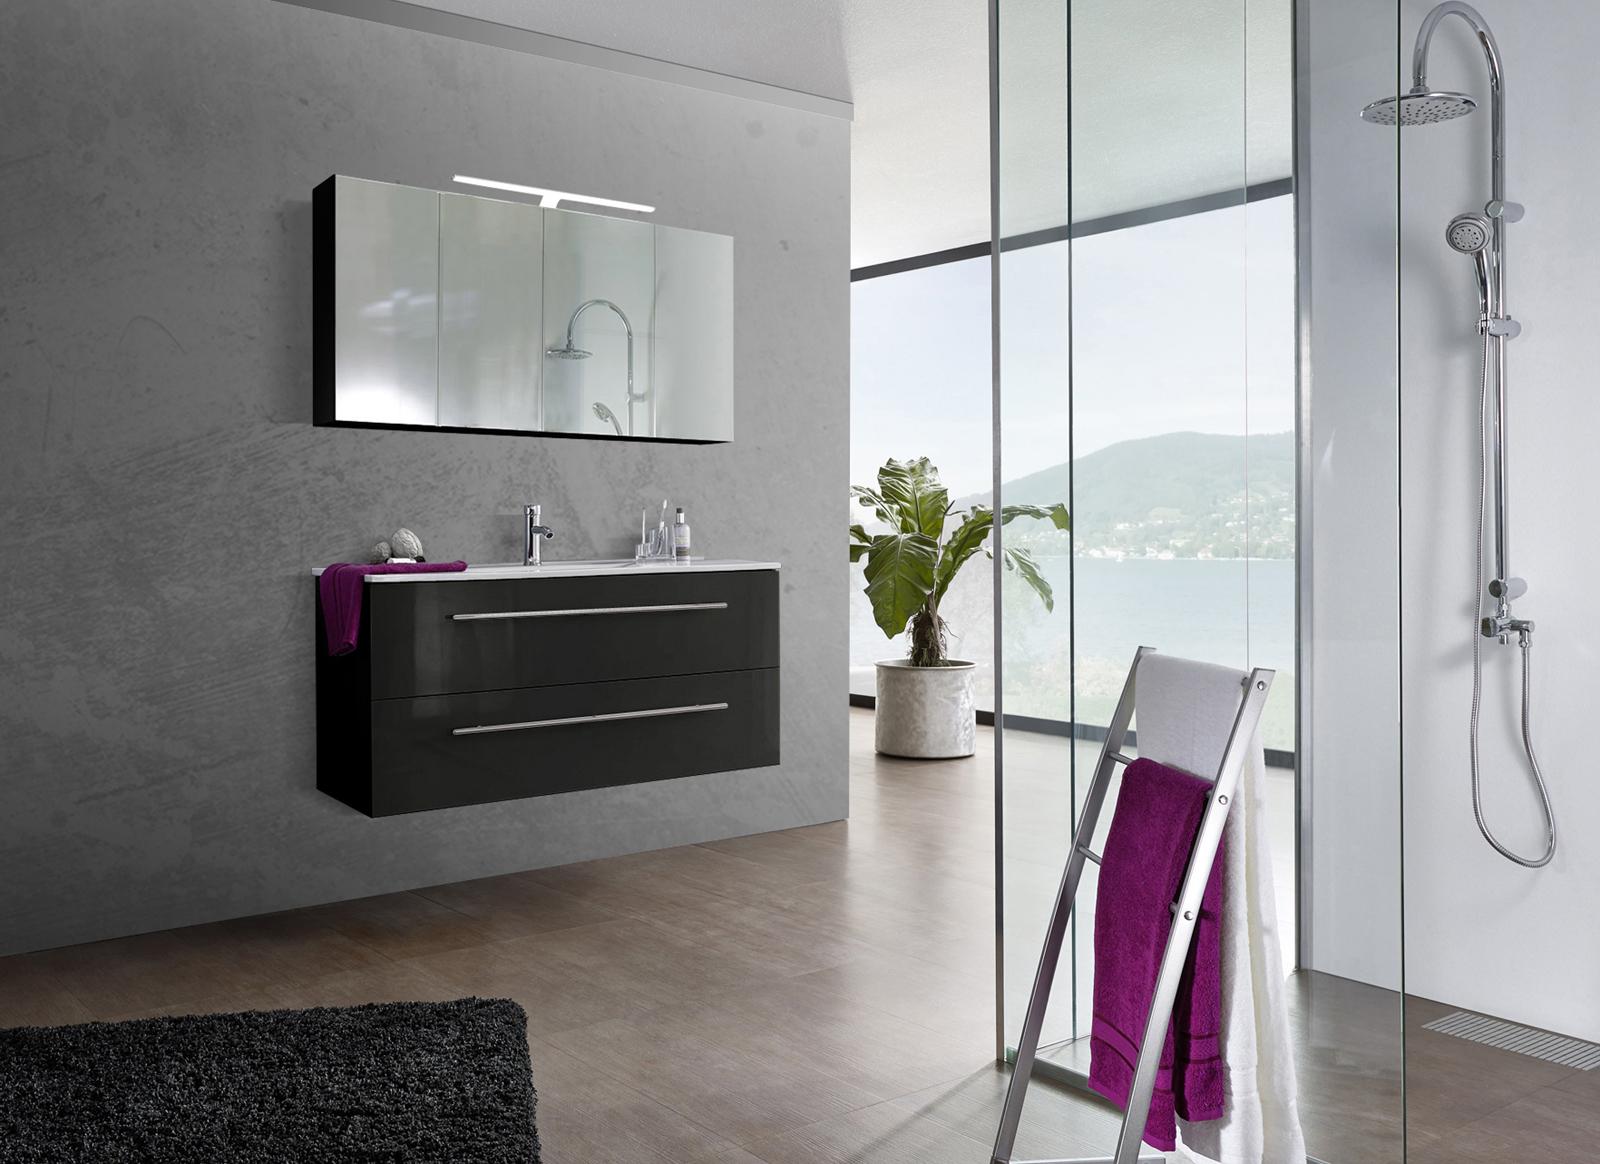 sam 2tlg badezimmer set spiegelschrank schwarz 120 cm